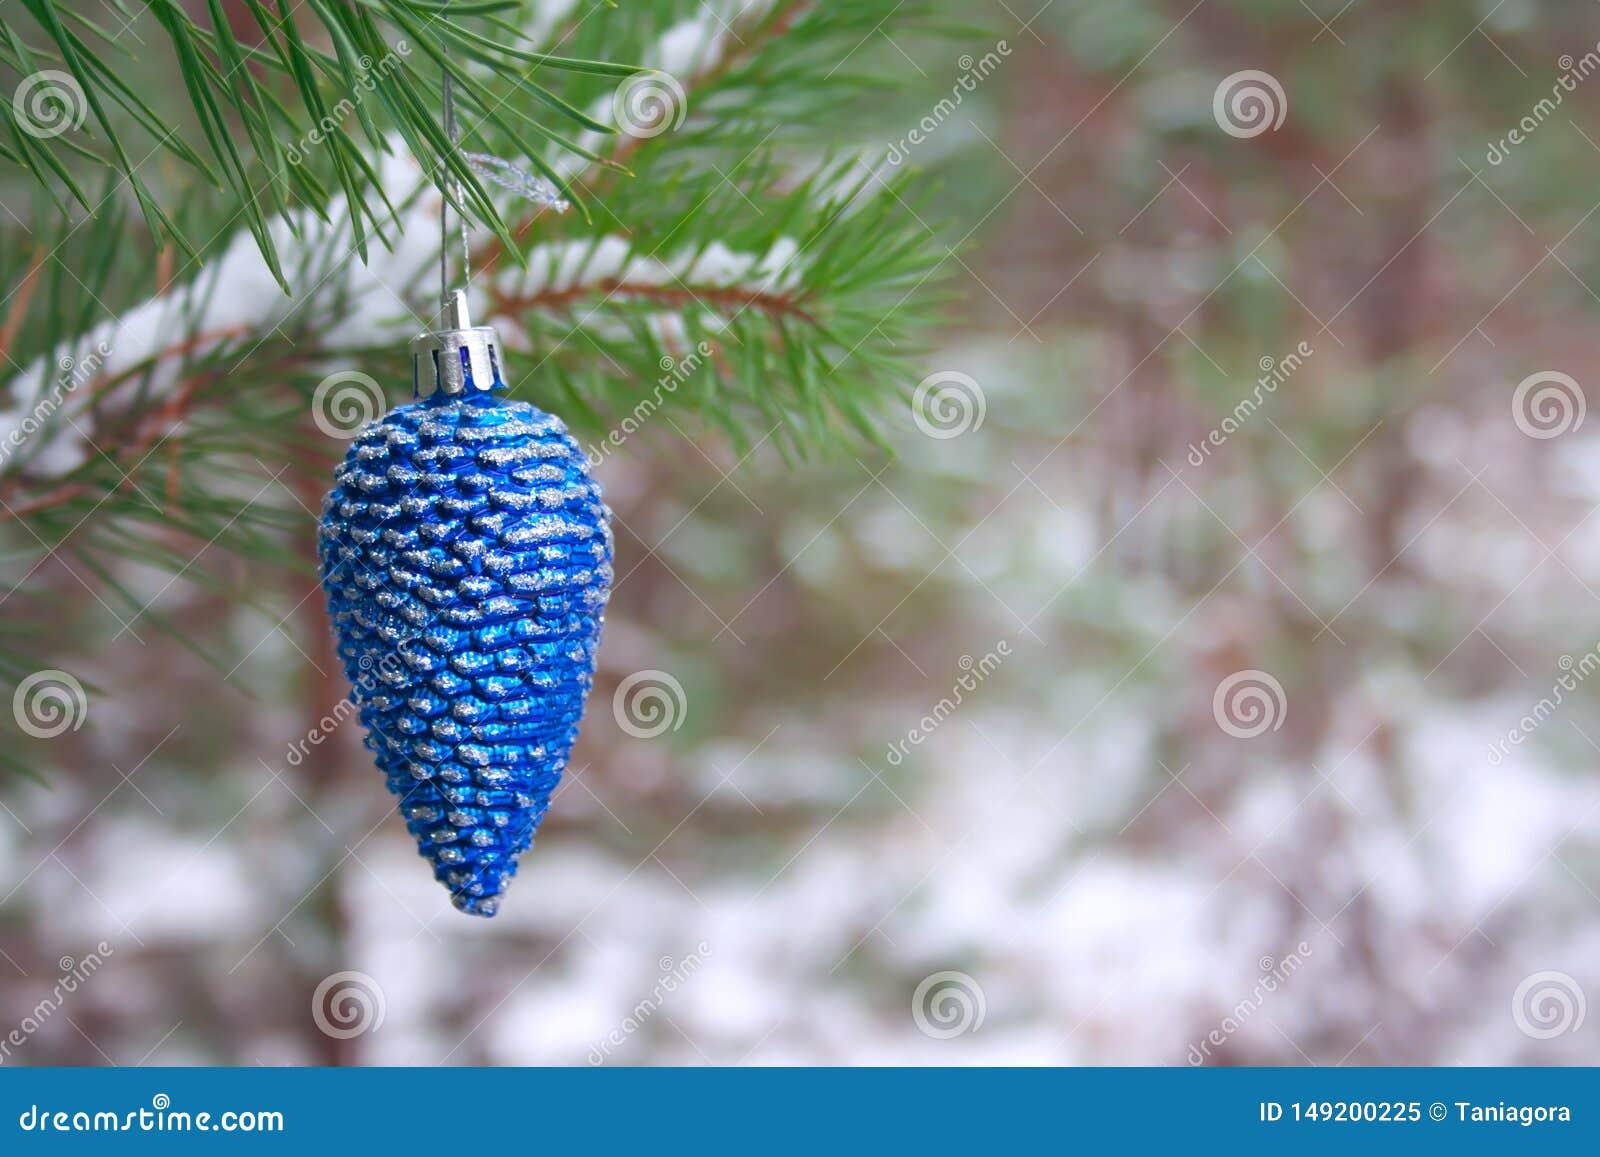 Funkelnder blauer Weihnachtsbaum-Spielzeugkegel auf einer Kiefernniederlassung in einem schneebedeckten Wald des Winters